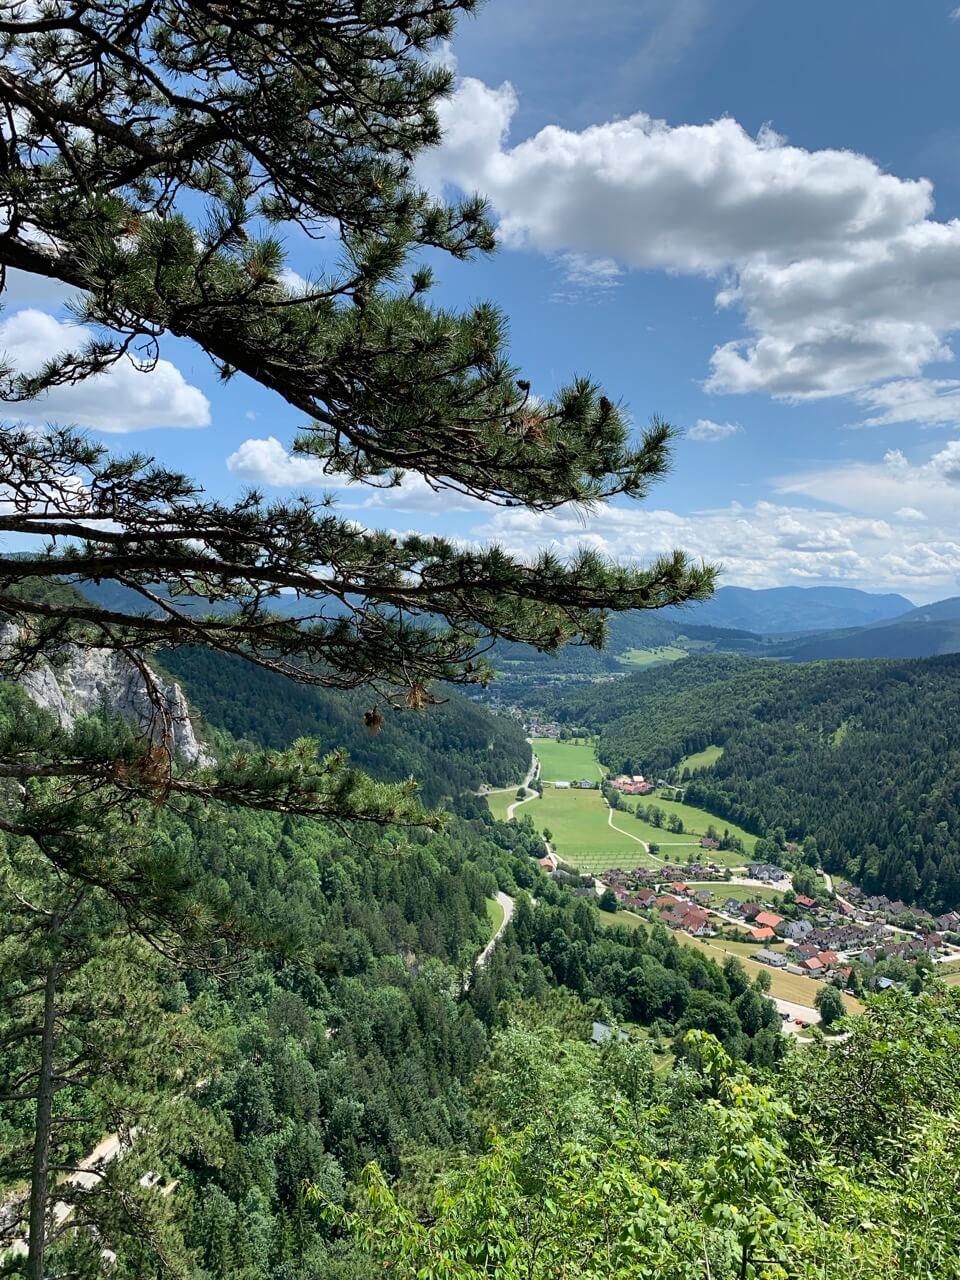 Myrafälle in Muggendorf, Niederösterreich